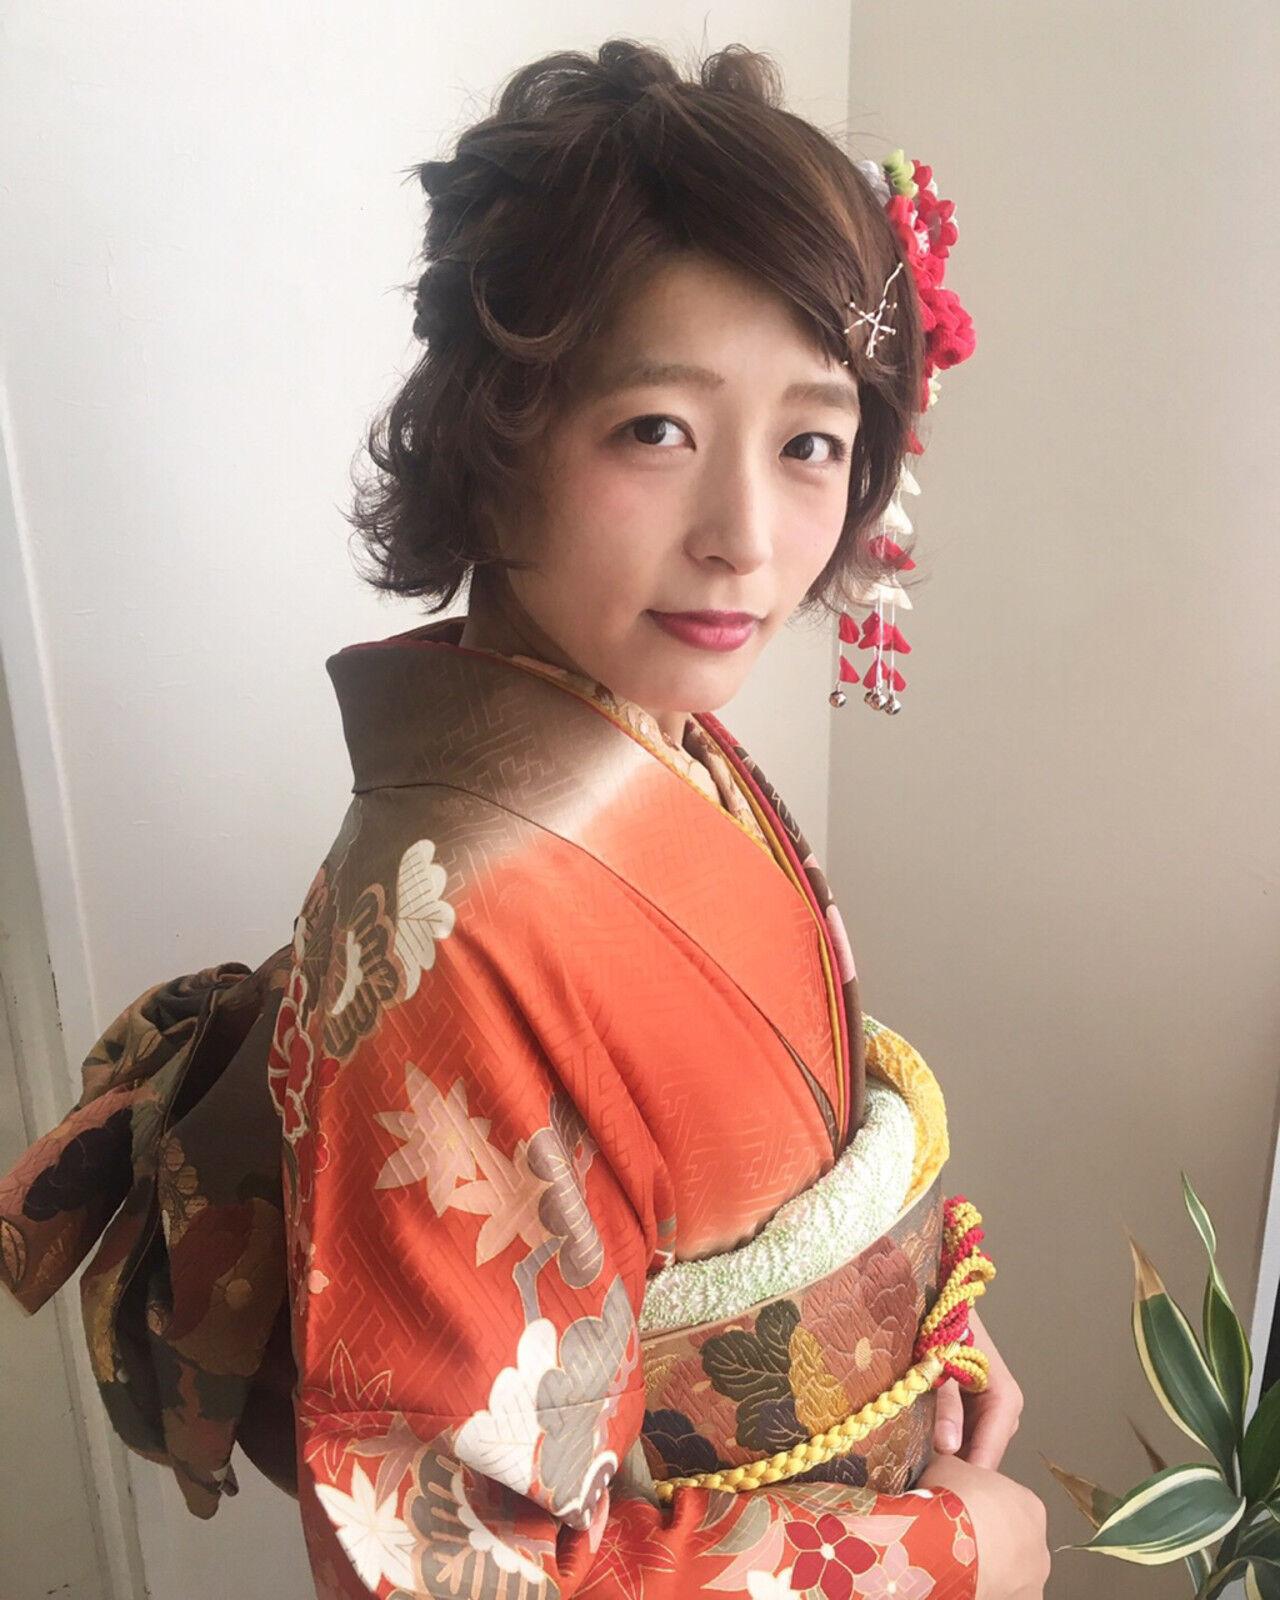 フェミニン 着物 ショート ヘアアレンジヘアスタイルや髪型の写真・画像